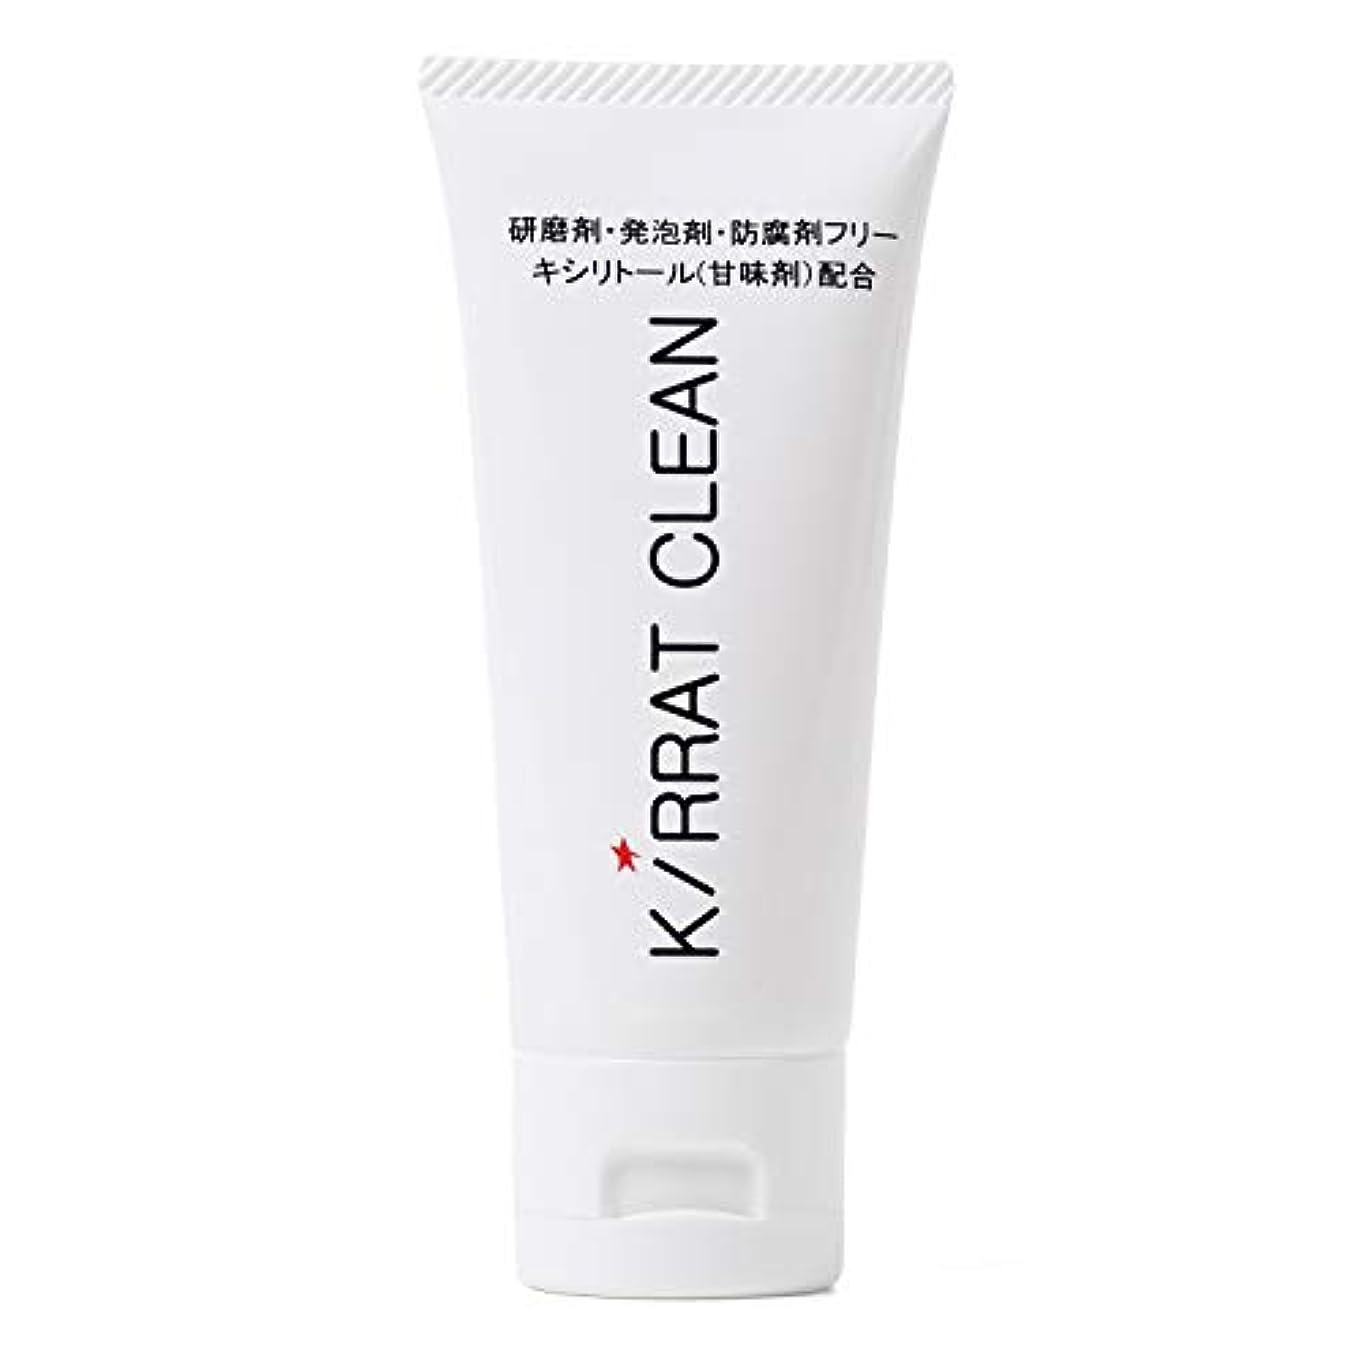 酸っぱいシンプルさルネッサンスYUZO 歯磨き粉 キラットクリーン 60g 研磨剤 発泡剤 防腐剤フリー